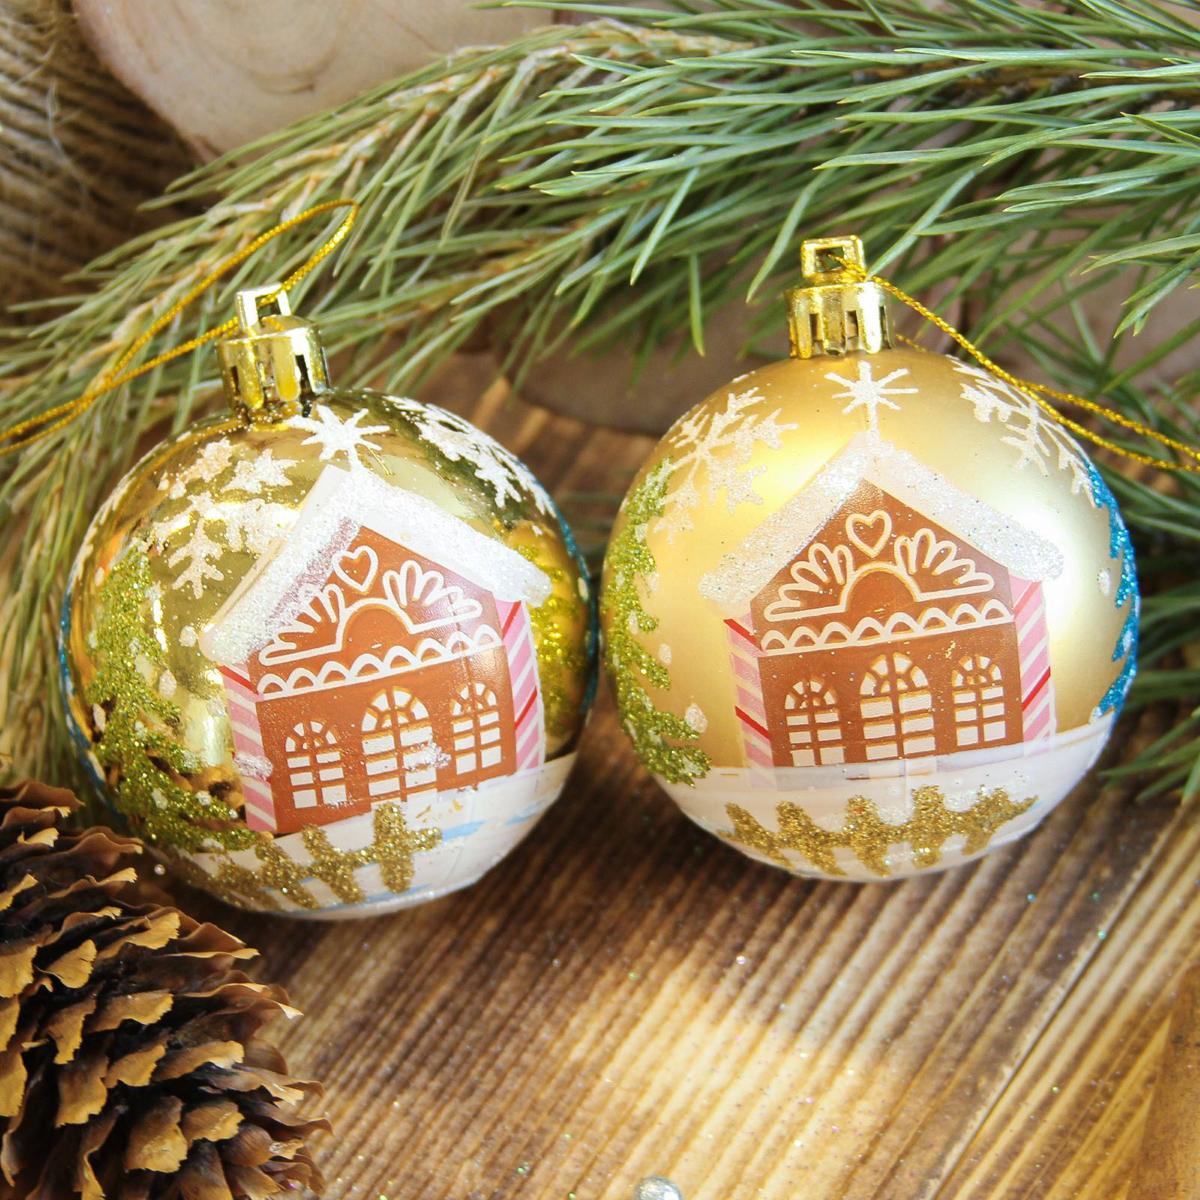 Набор новогодних подвесных украшений Sima-land Домик, цвет: желтый, диаметр 6 см, 8 шт2122956Набор новогодних подвесных украшений Sima-land отлично подойдет для декорации вашего дома и новогодней ели. С помощью специальной петельки украшение можно повесить в любом понравившемся вам месте. Но, конечно, удачнее всего оно будет смотреться на праздничной елке. Елочная игрушка - символ Нового года. Она несет в себе волшебство и красоту праздника. Создайте в своем доме атмосферу веселья и радости, украшая новогоднюю елку нарядными игрушками, которые будут из года в год накапливать теплоту воспоминаний.